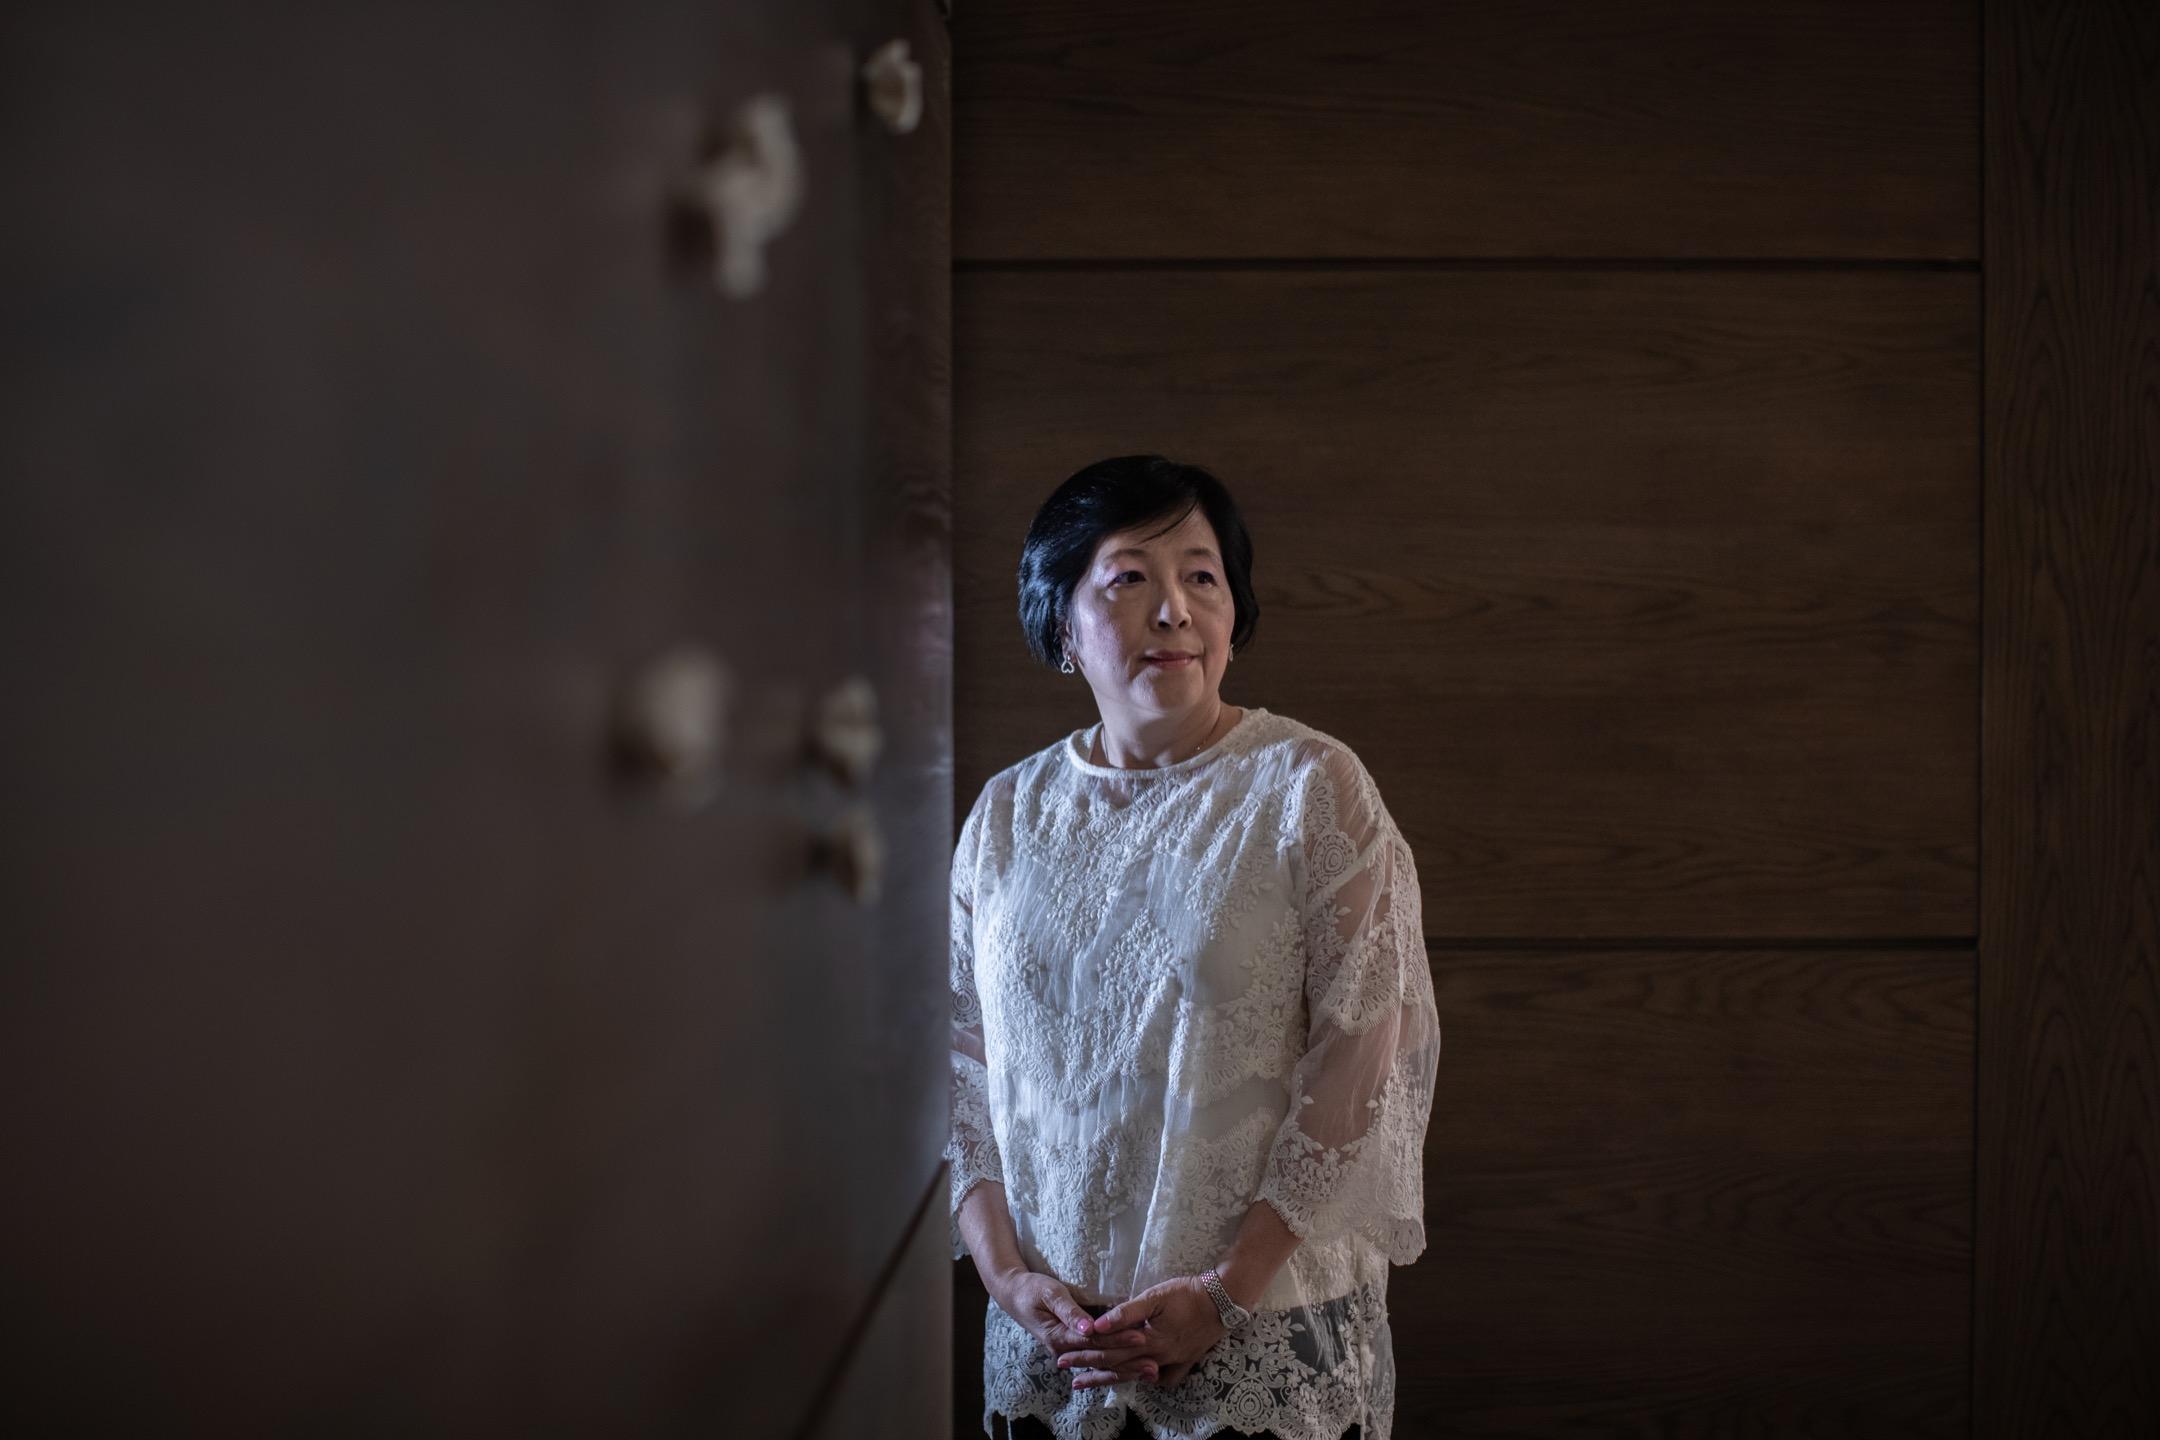 陳潤芝:「我只是觀察者,不可能改變任何事情。作為一個小小的記者,我唯一的作用,就是告訴大家,這件事(六四清場)是不對的,十年、二十年、三十年都是不對的。」 攝:Stanley Leung/端傳媒